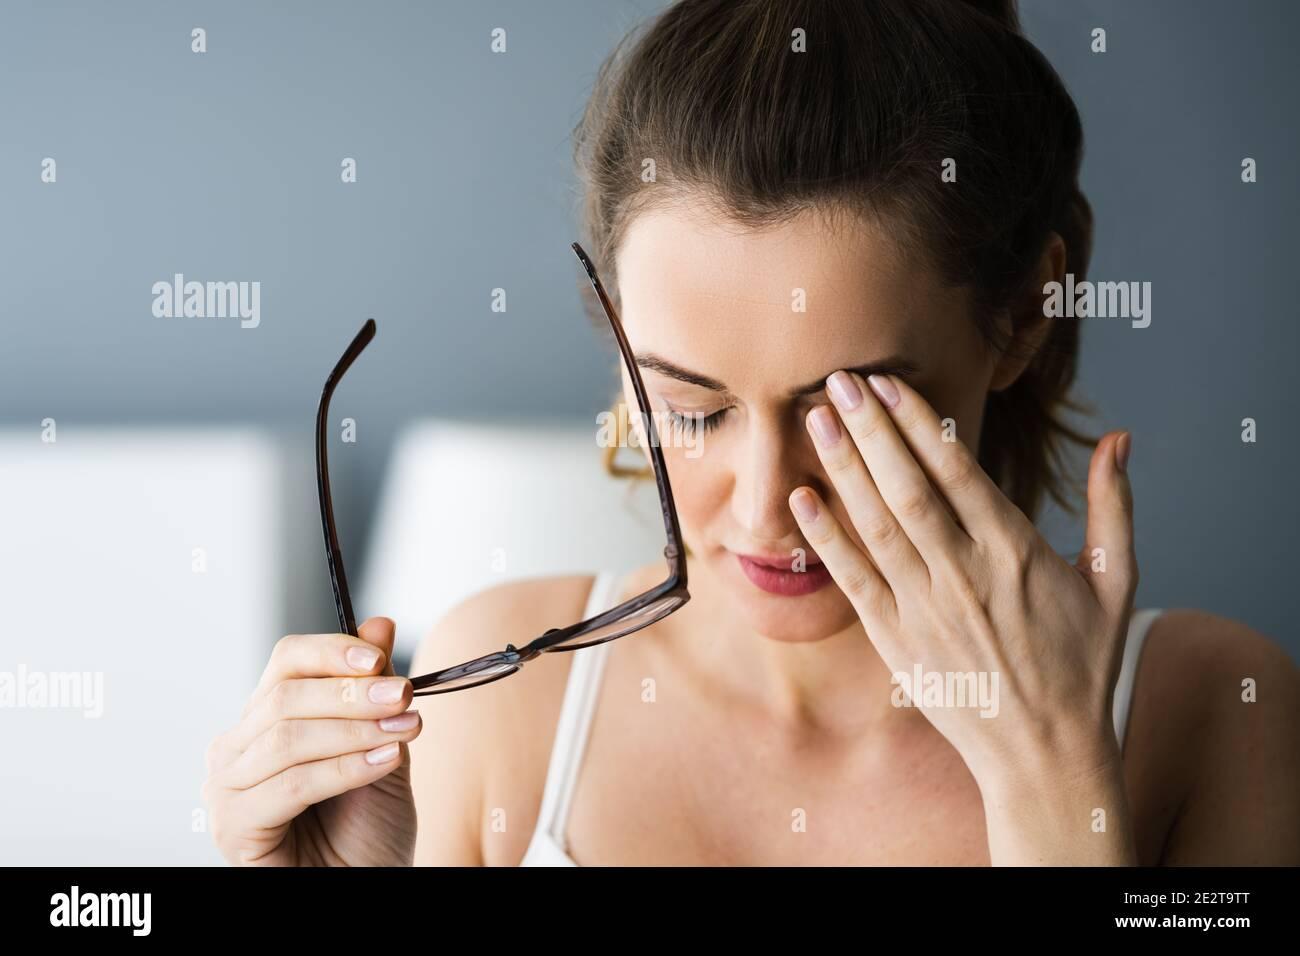 Müde Erschöpfte Augenschmerzen Und Ache Problem Stockfoto